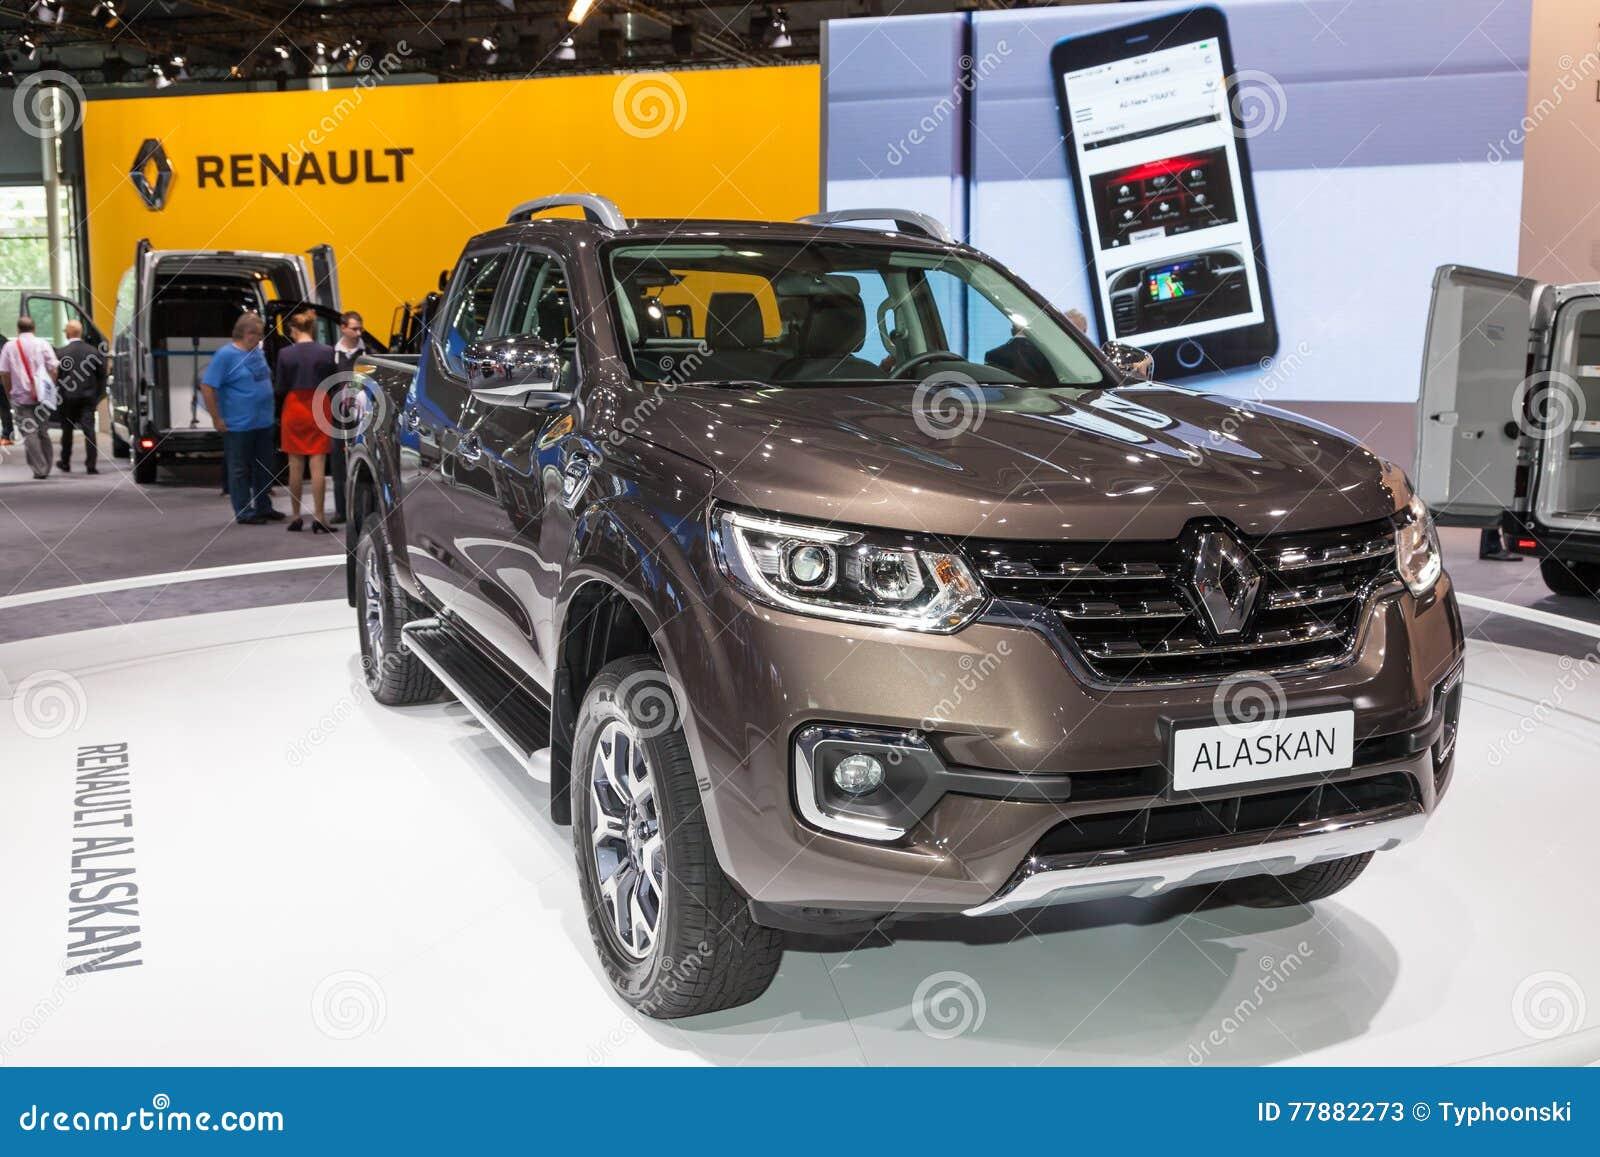 Renault Alaskan Pickup Truck